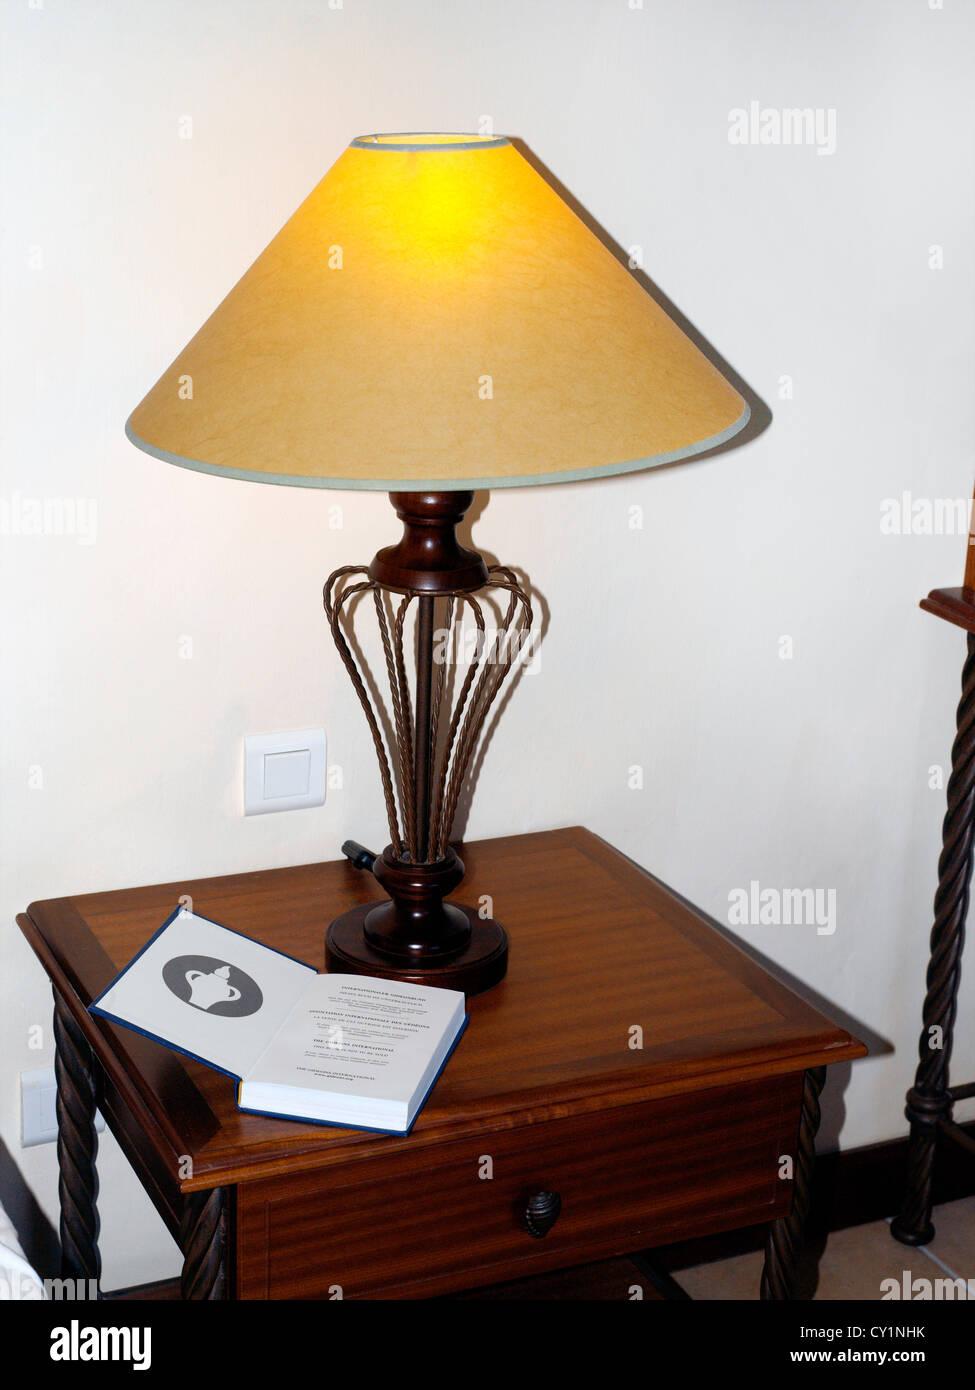 schlafzimmer lampe alt schlafzimmer lampe tischlampe. Black Bedroom Furniture Sets. Home Design Ideas